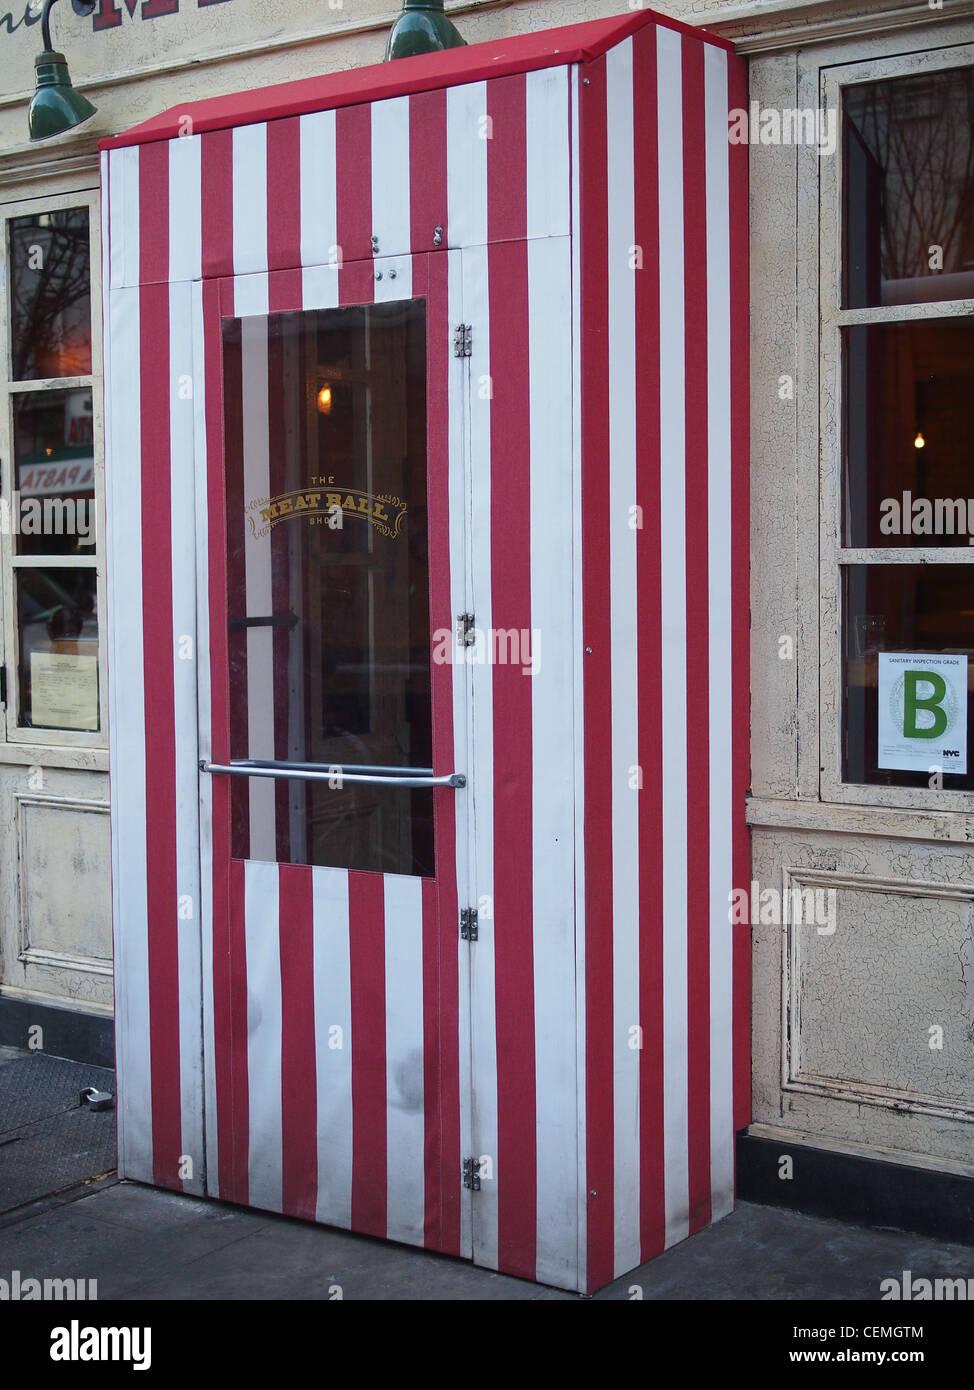 Cold-weather door in front of Meatball Shop restaurant Brooklyn New York & Cold-weather door in front of Meatball Shop restaurant Brooklyn ...